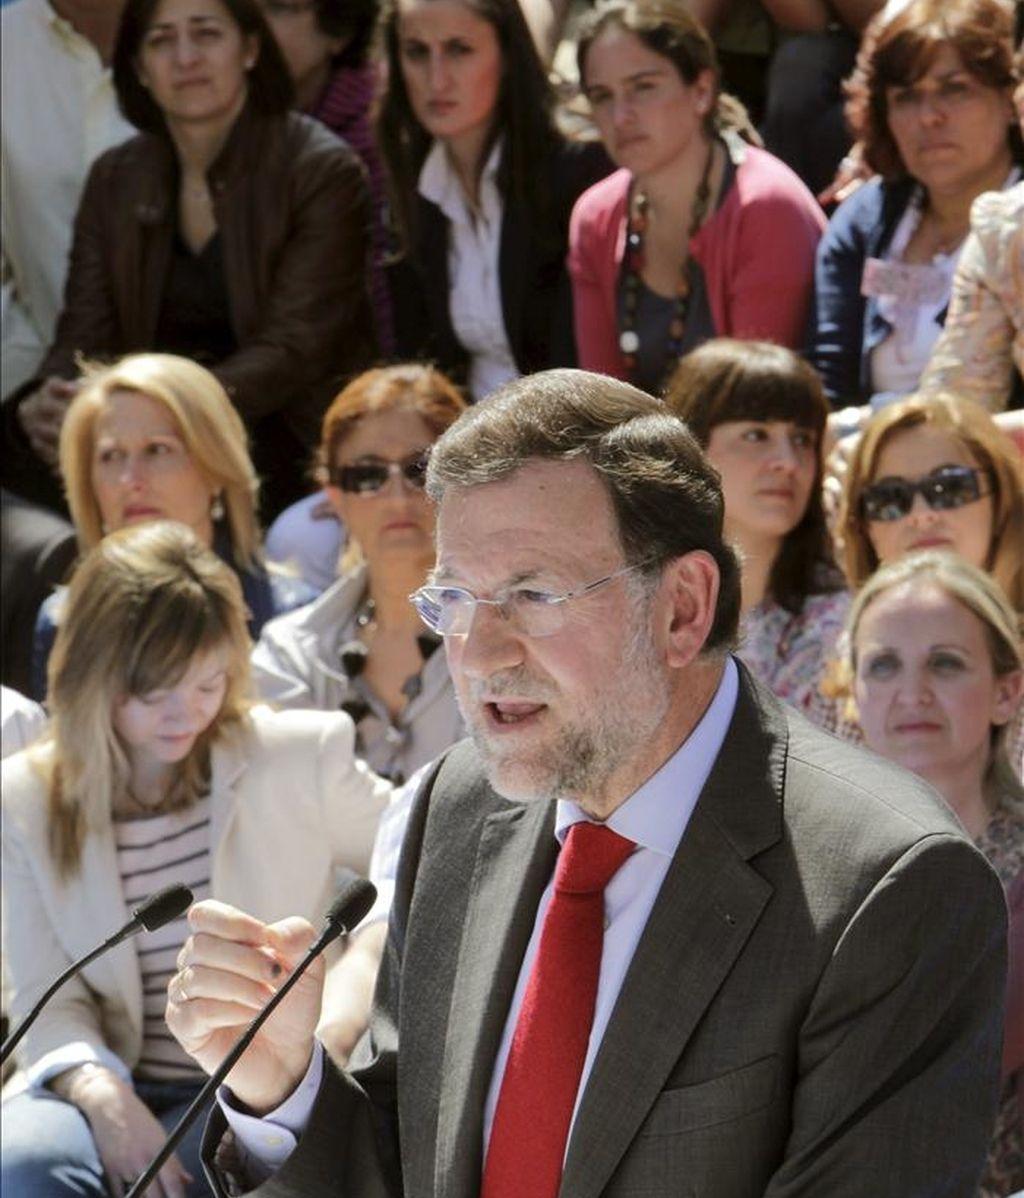 El presidente del PP, Mariano Rajoy, durante su intervención hoy en la convención de candidatas del PP a las próximas elecciones municipales y autonómicas que ha tenido lugar en el Centro Cultural Galileo de Madrid. EFE